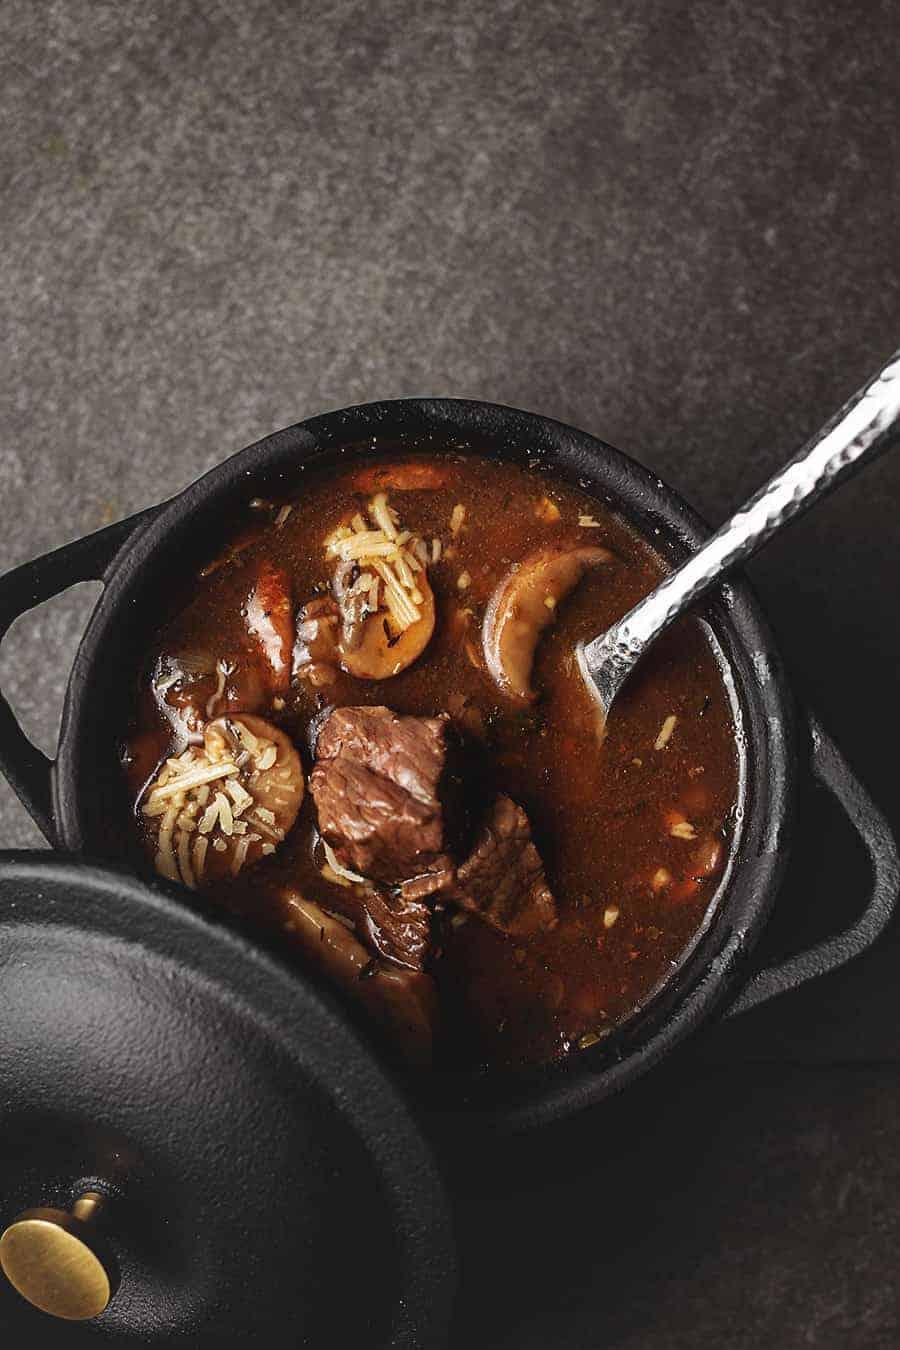 Leftover Steak Soup